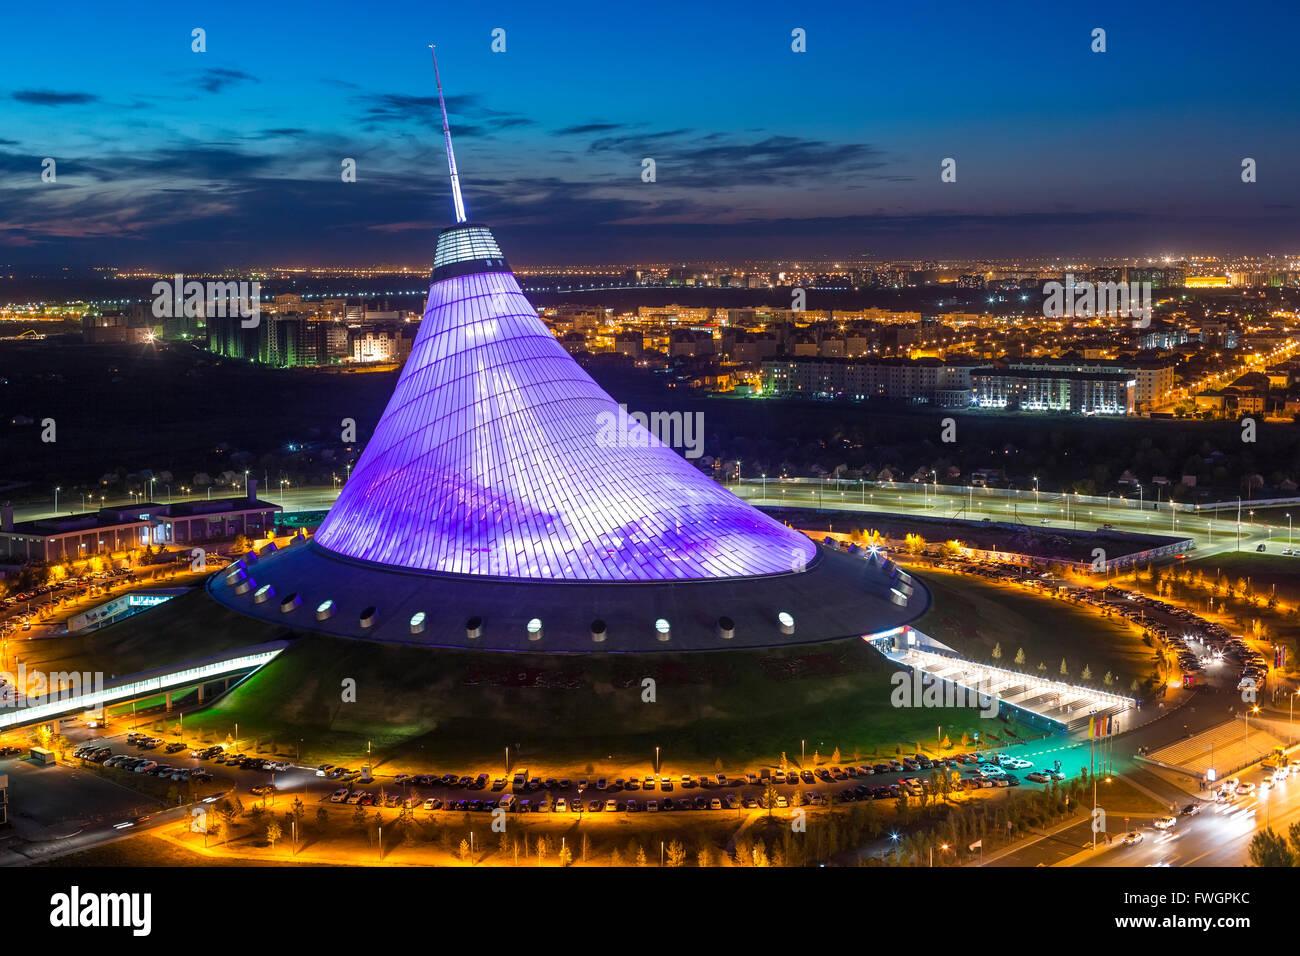 Vista nocturna sobre Khan Shatyr Entertainment Center, Astana, Kazajstán, Asia Central Imagen De Stock